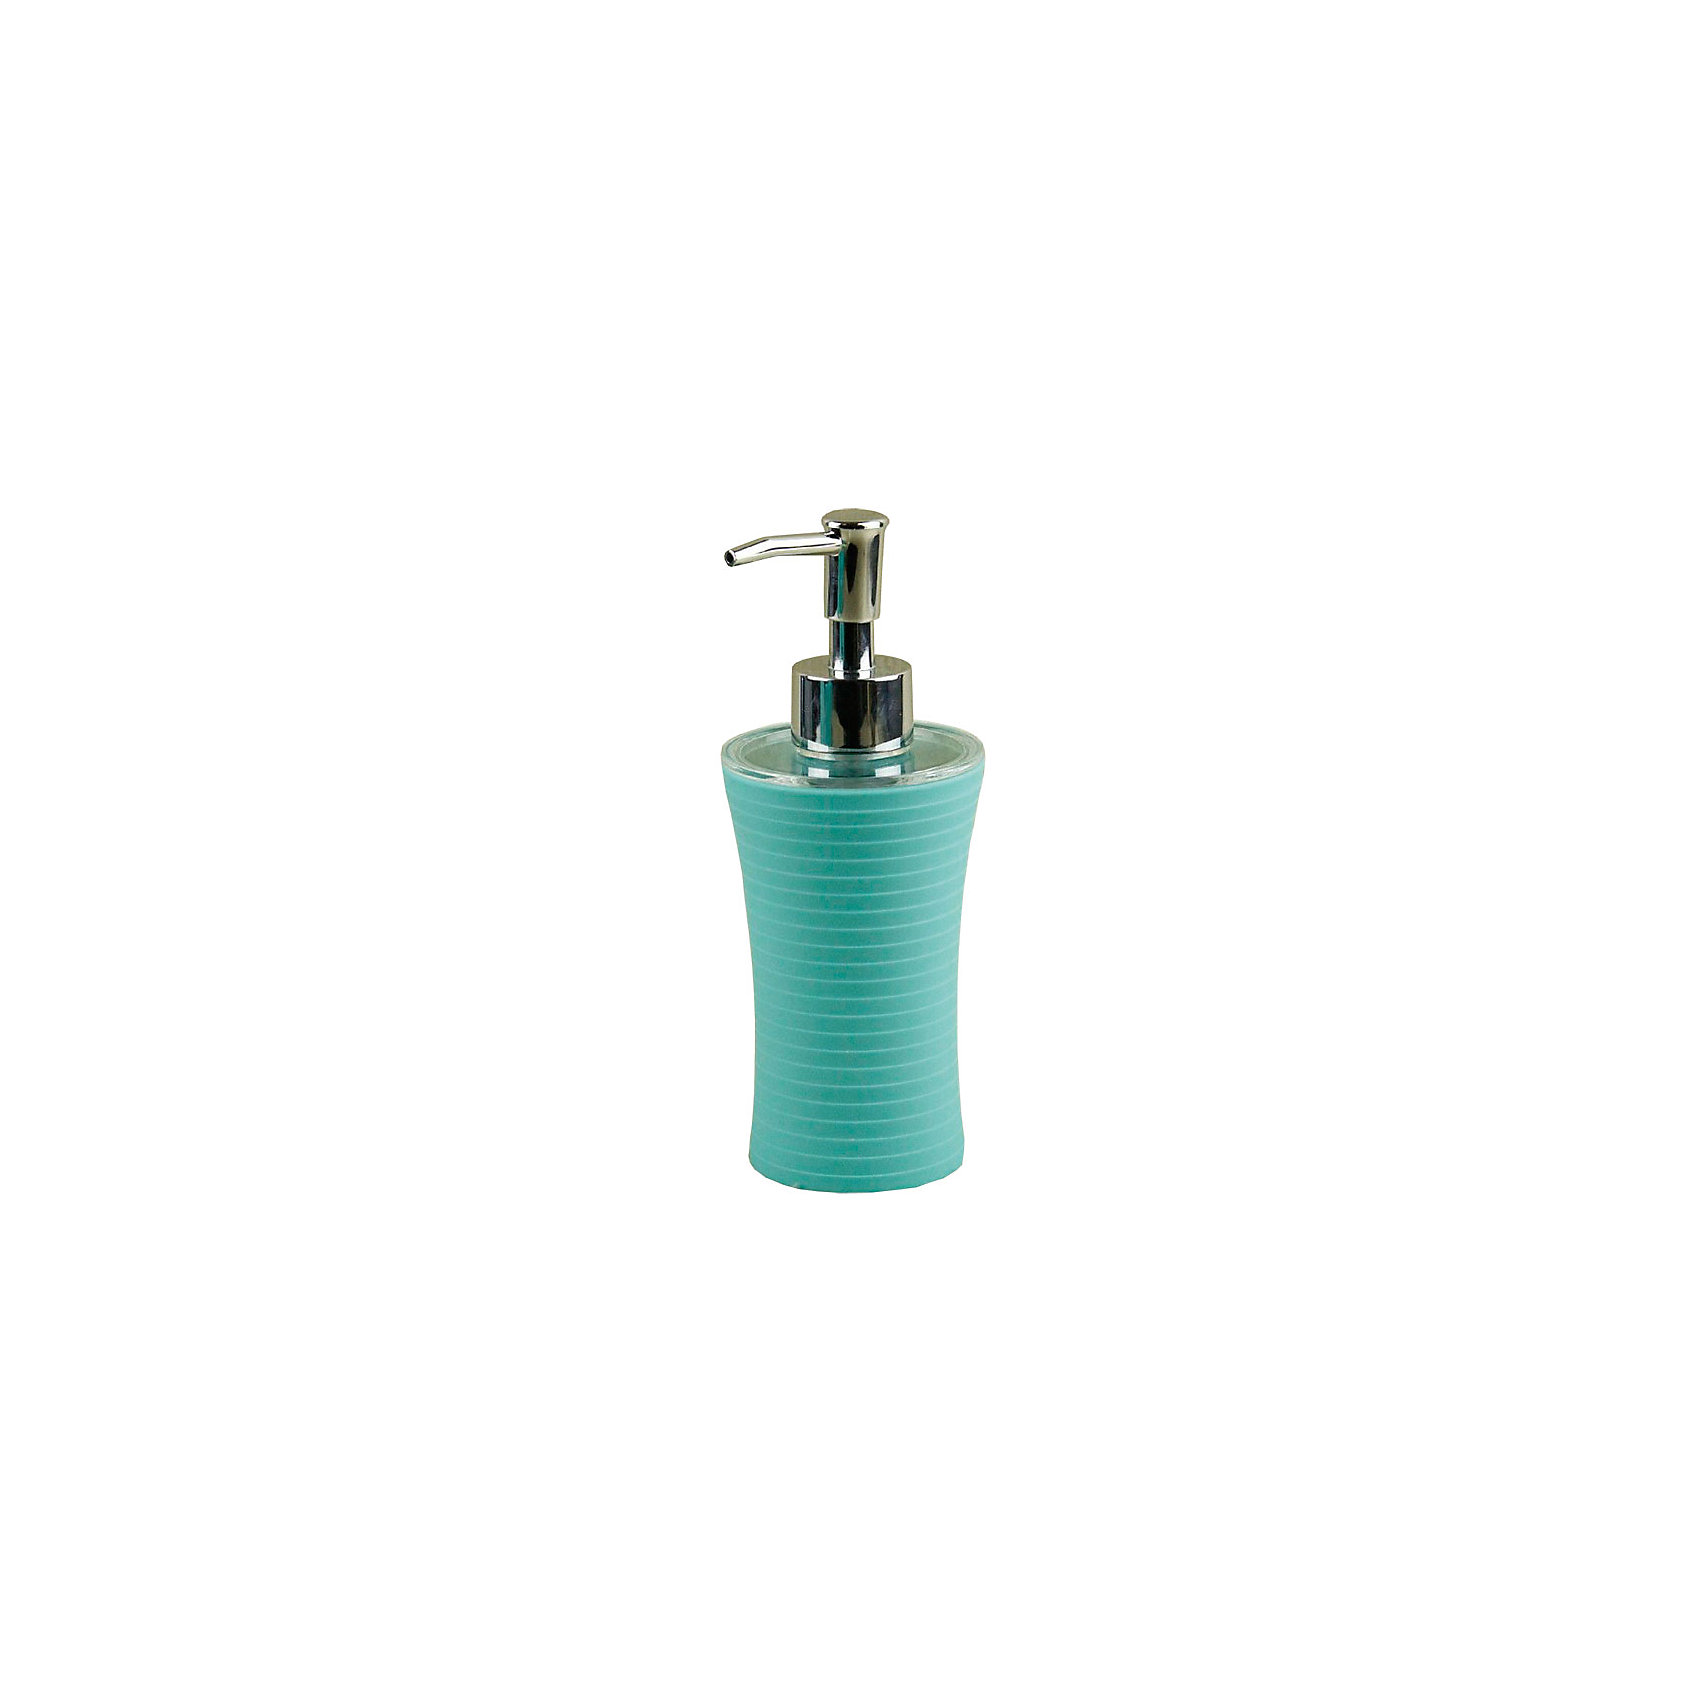 Дозатор для жидкого мыла DIS-1, Рыжий котВанная комната<br>Дозатор для жидкого мыла DIS-1, Рыжий кот<br><br>Характеристики:<br><br>• прост в использовании<br>• объем: 250 мл<br>• материал: полистирол, АБС-пластик<br>• размер: 18,5х7х6 см<br><br>Дозатор DIS-1 предназначен для жидких моющих средств. Он изготовлен из полистирола. Не скользит по поверхности и в руке, а также очень прост в использовании. Объем дозатора составляет 250 мл.<br><br>Дозатор для жидкого мыла DIS-1, Рыжий кот можно купить в нашем интернет-магазине.<br><br>Ширина мм: 80<br>Глубина мм: 70<br>Высота мм: 180<br>Вес г: 106<br>Возраст от месяцев: 12<br>Возраст до месяцев: 216<br>Пол: Унисекс<br>Возраст: Детский<br>SKU: 5454090